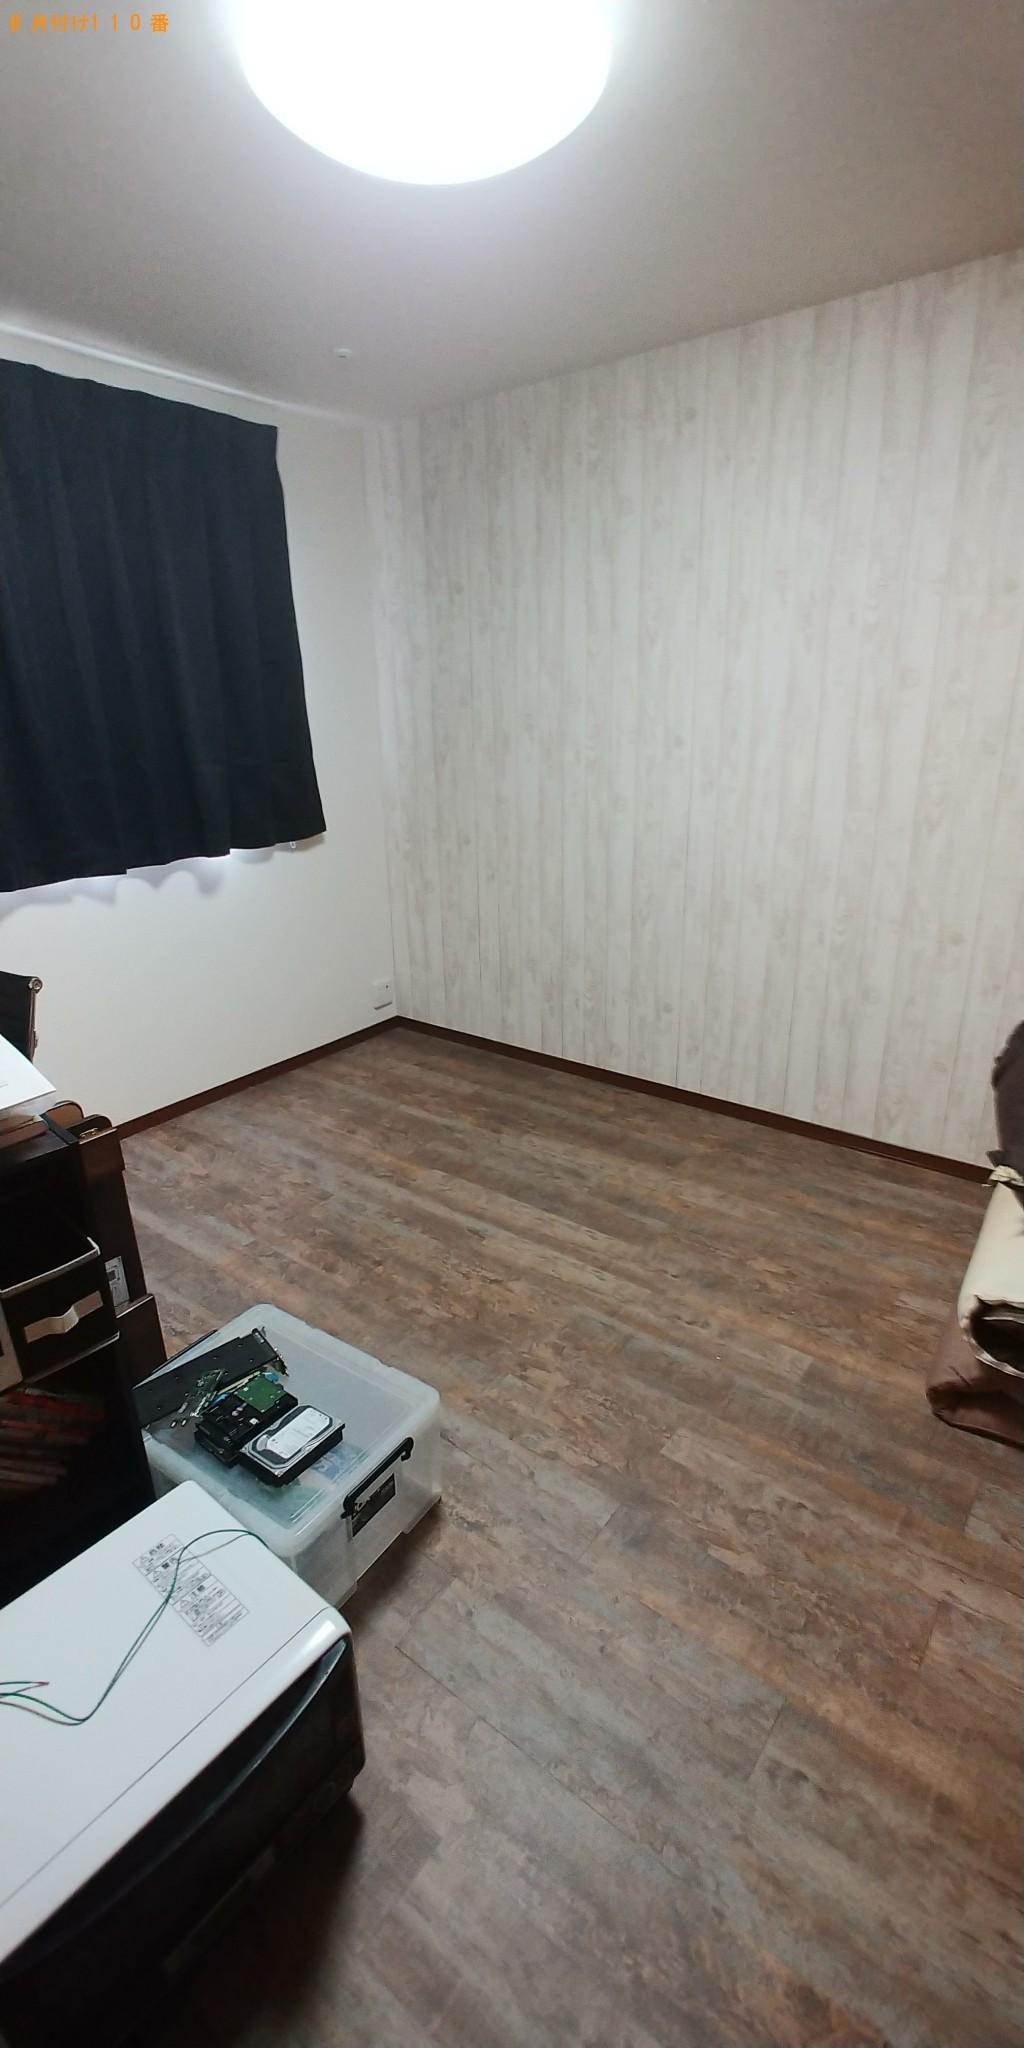 【鳥取県若桜町】食器棚、ロフトベッド、レンジ台の出張不用品回収・処分ご依頼